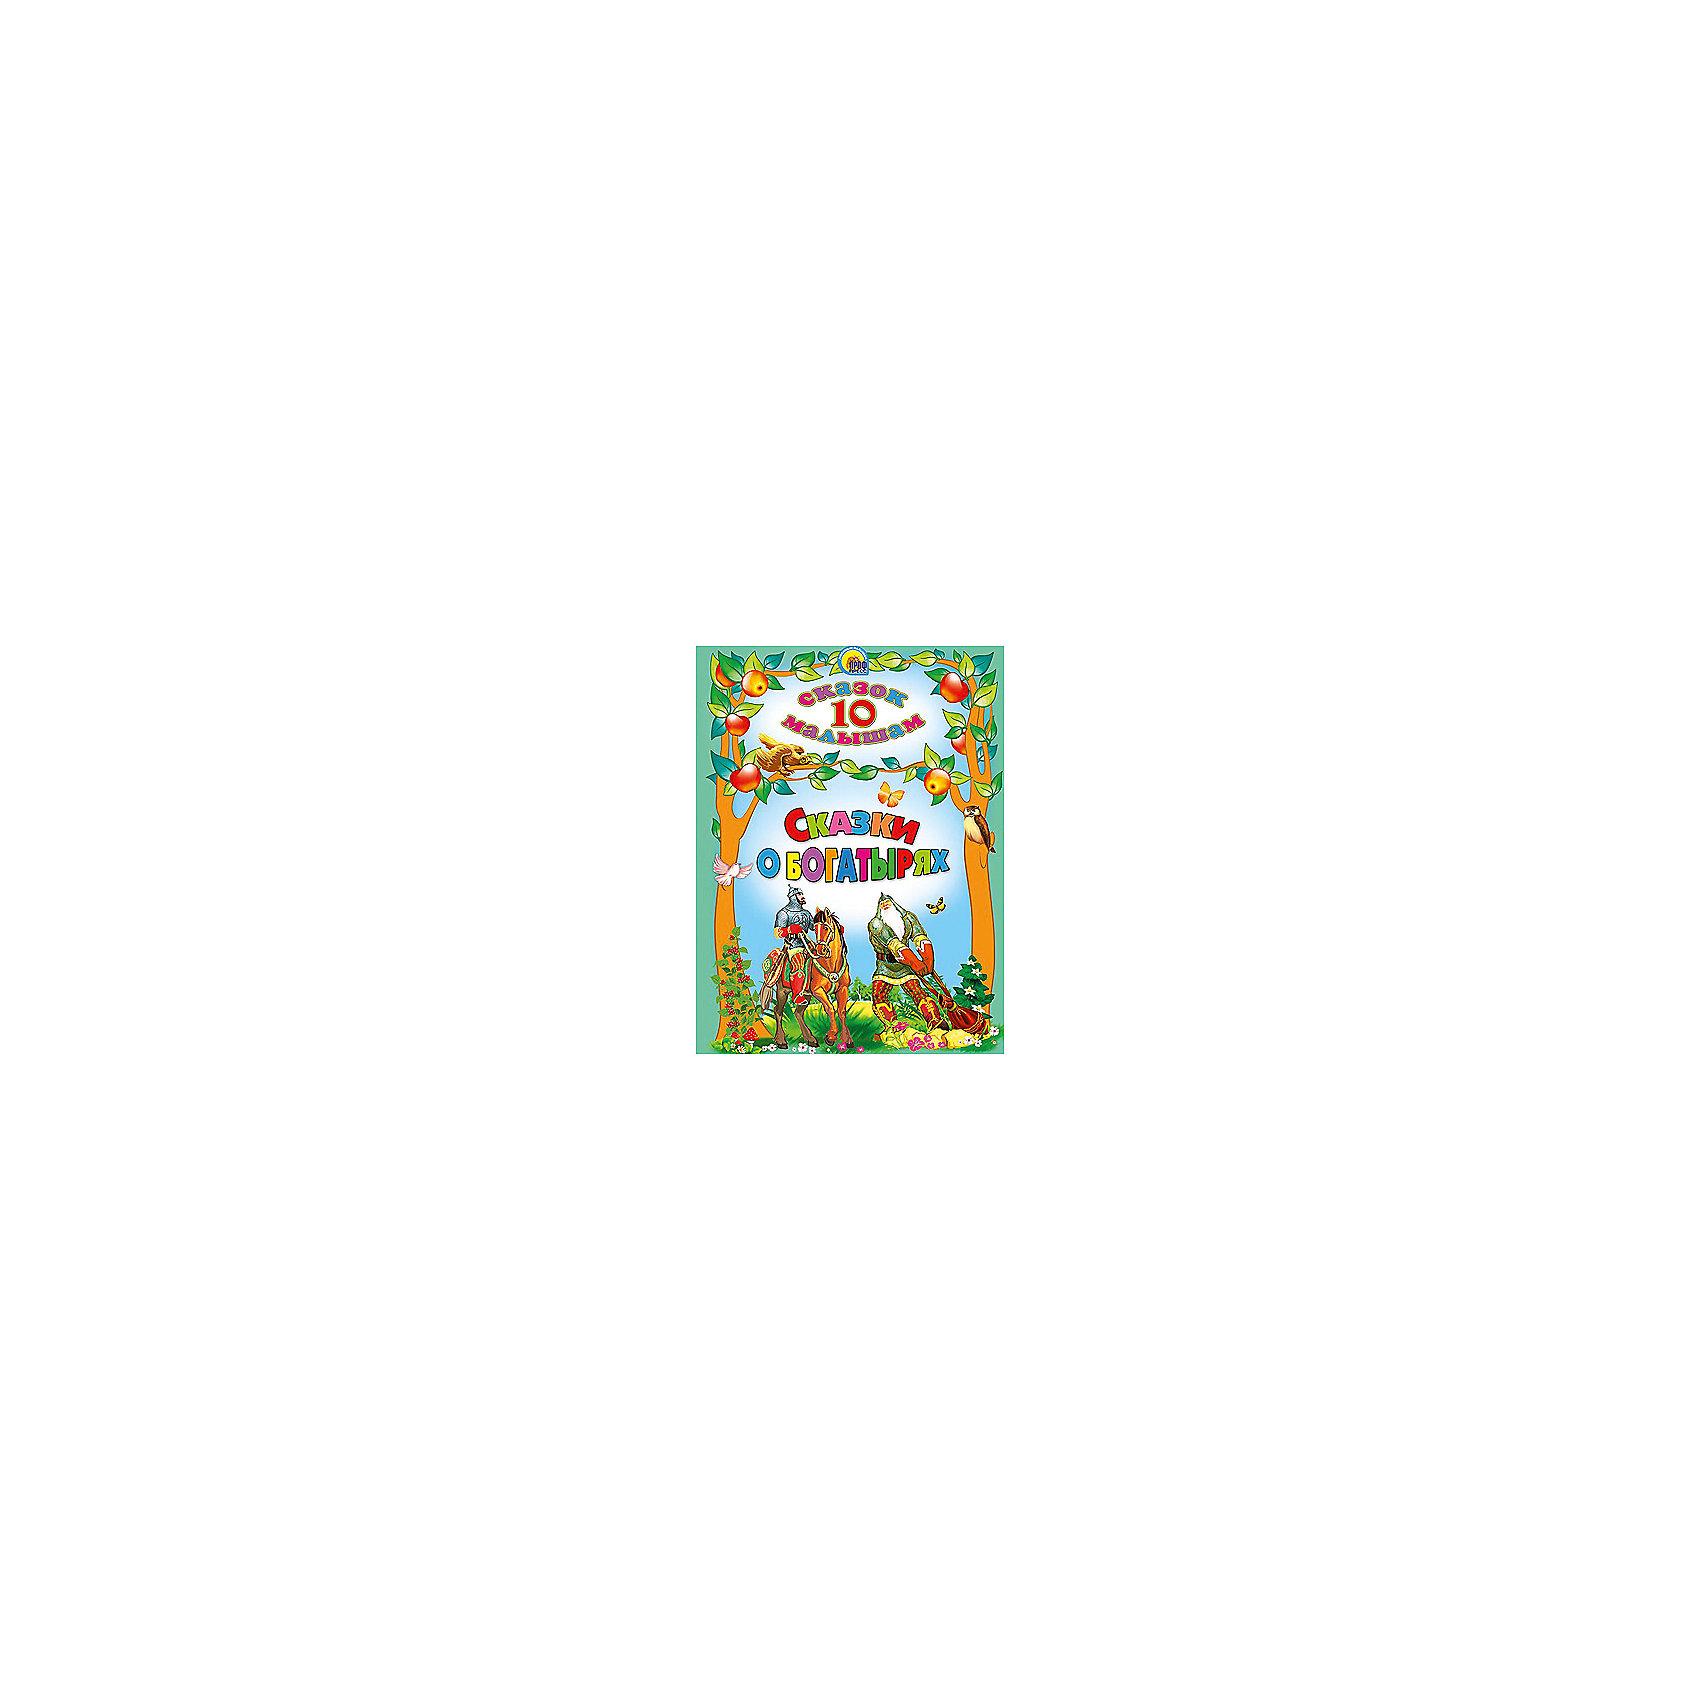 Проф-Пресс 10 сказок. Сказки о богатырях габазова ю служаев в худ сказки о богатырях